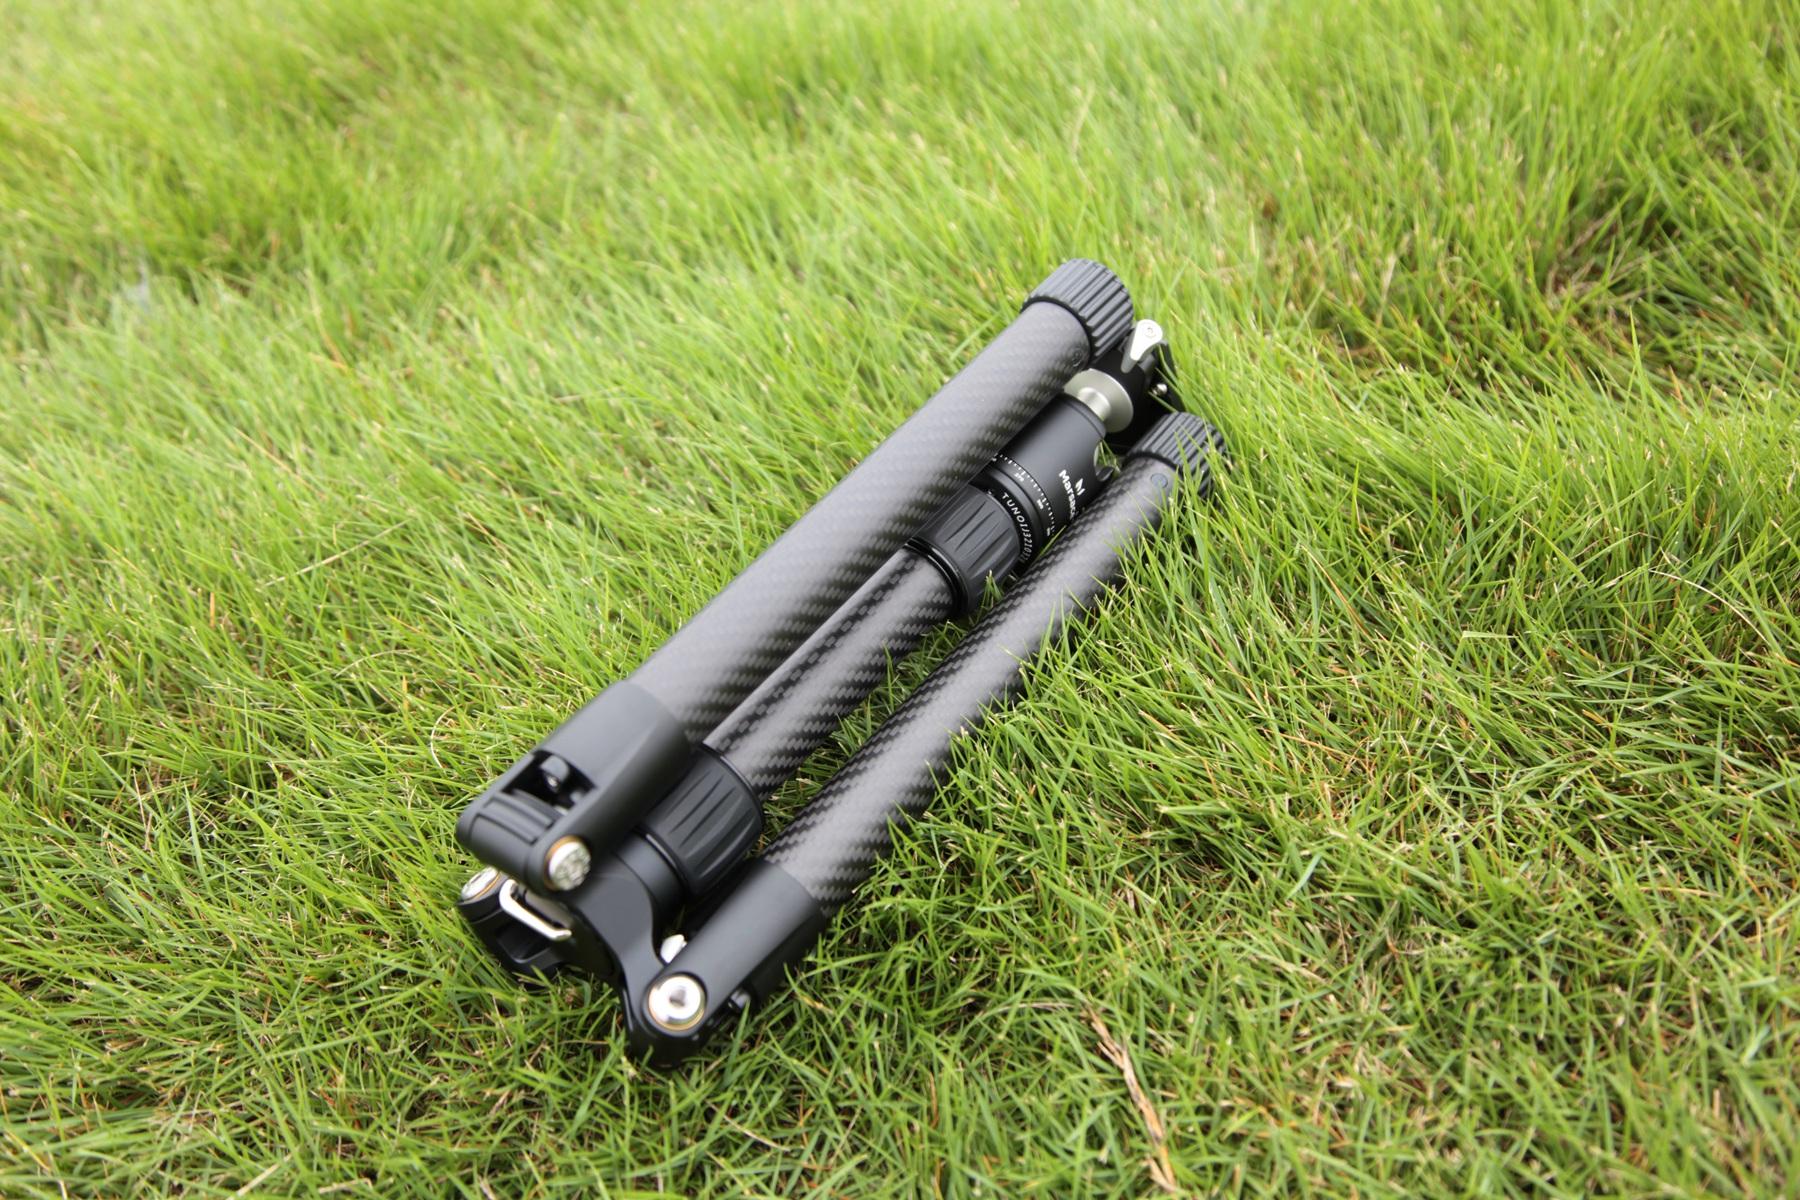 轻量便携三脚架新品,马小路UT-26轻量级反折碳纤维三脚架测评